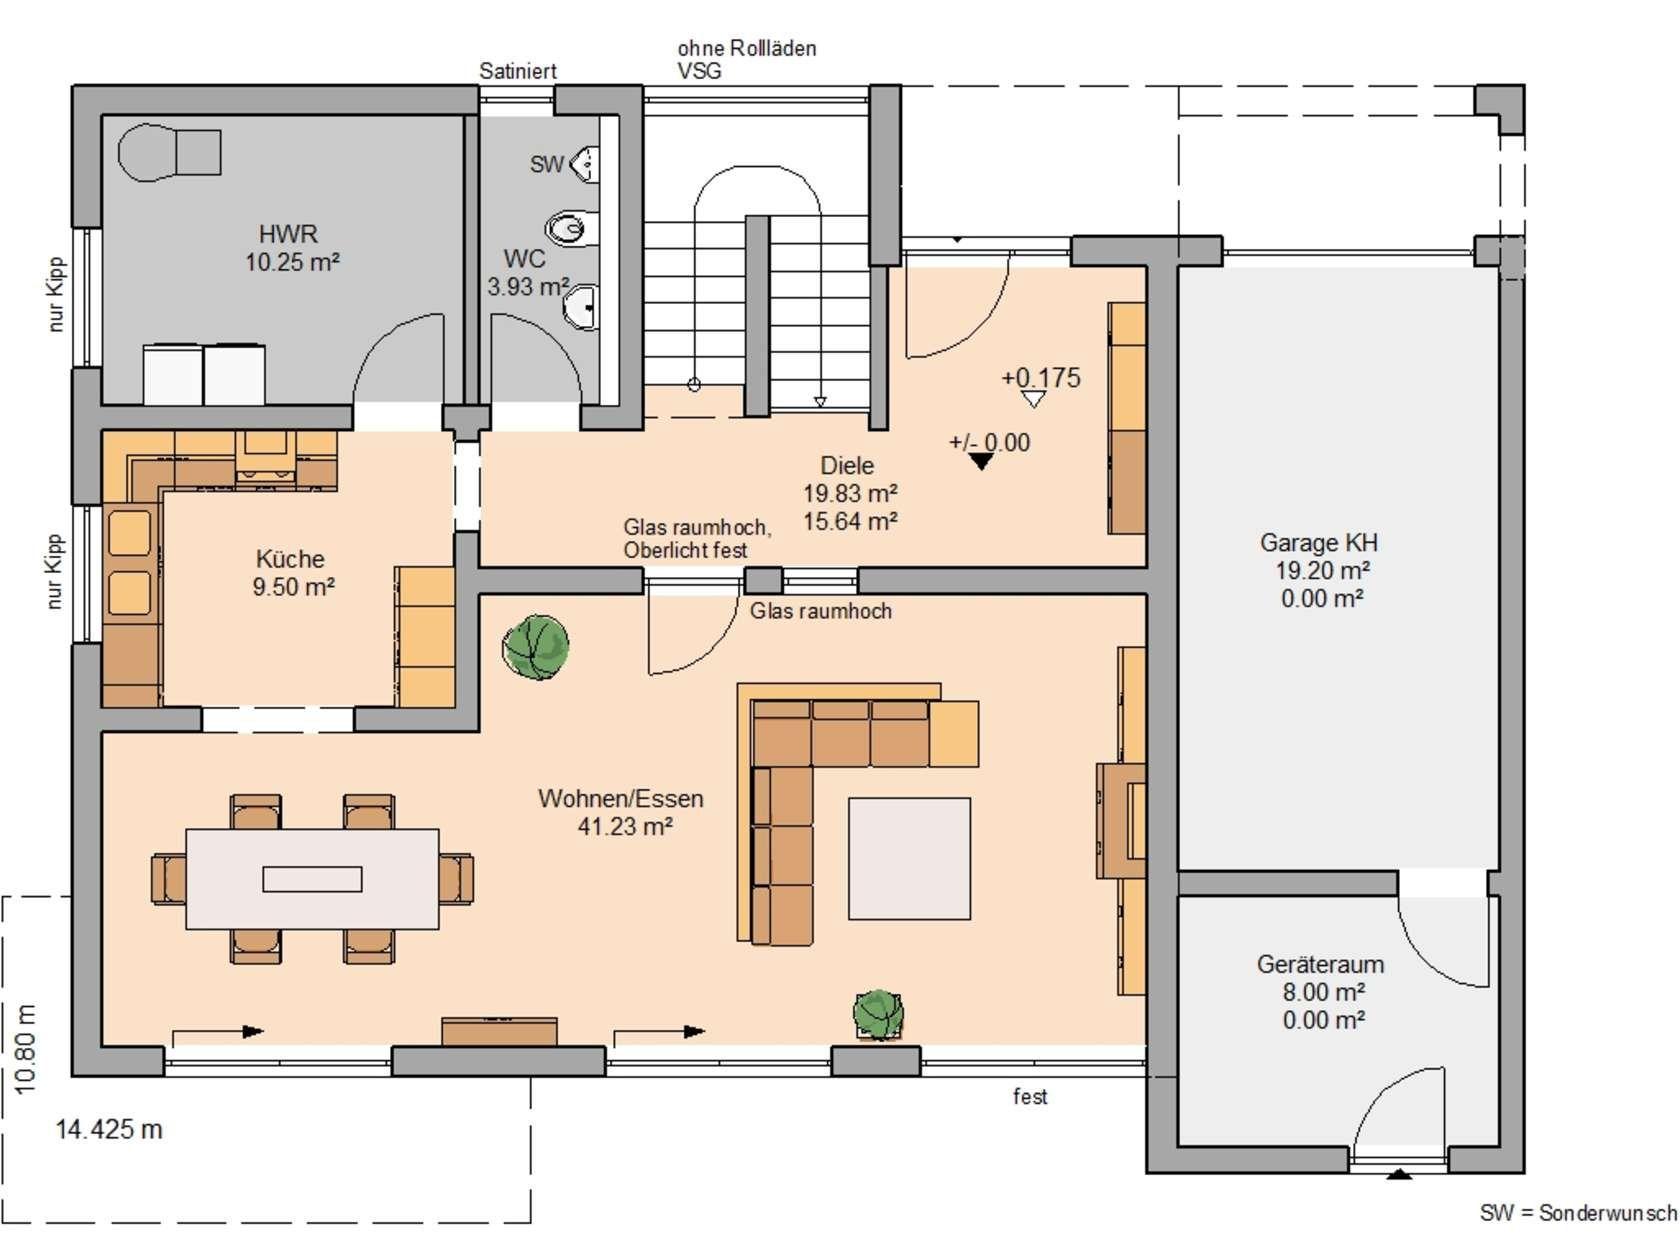 Bauhäuser Haus grundriss, Grundriss einfamilienhaus und Haus